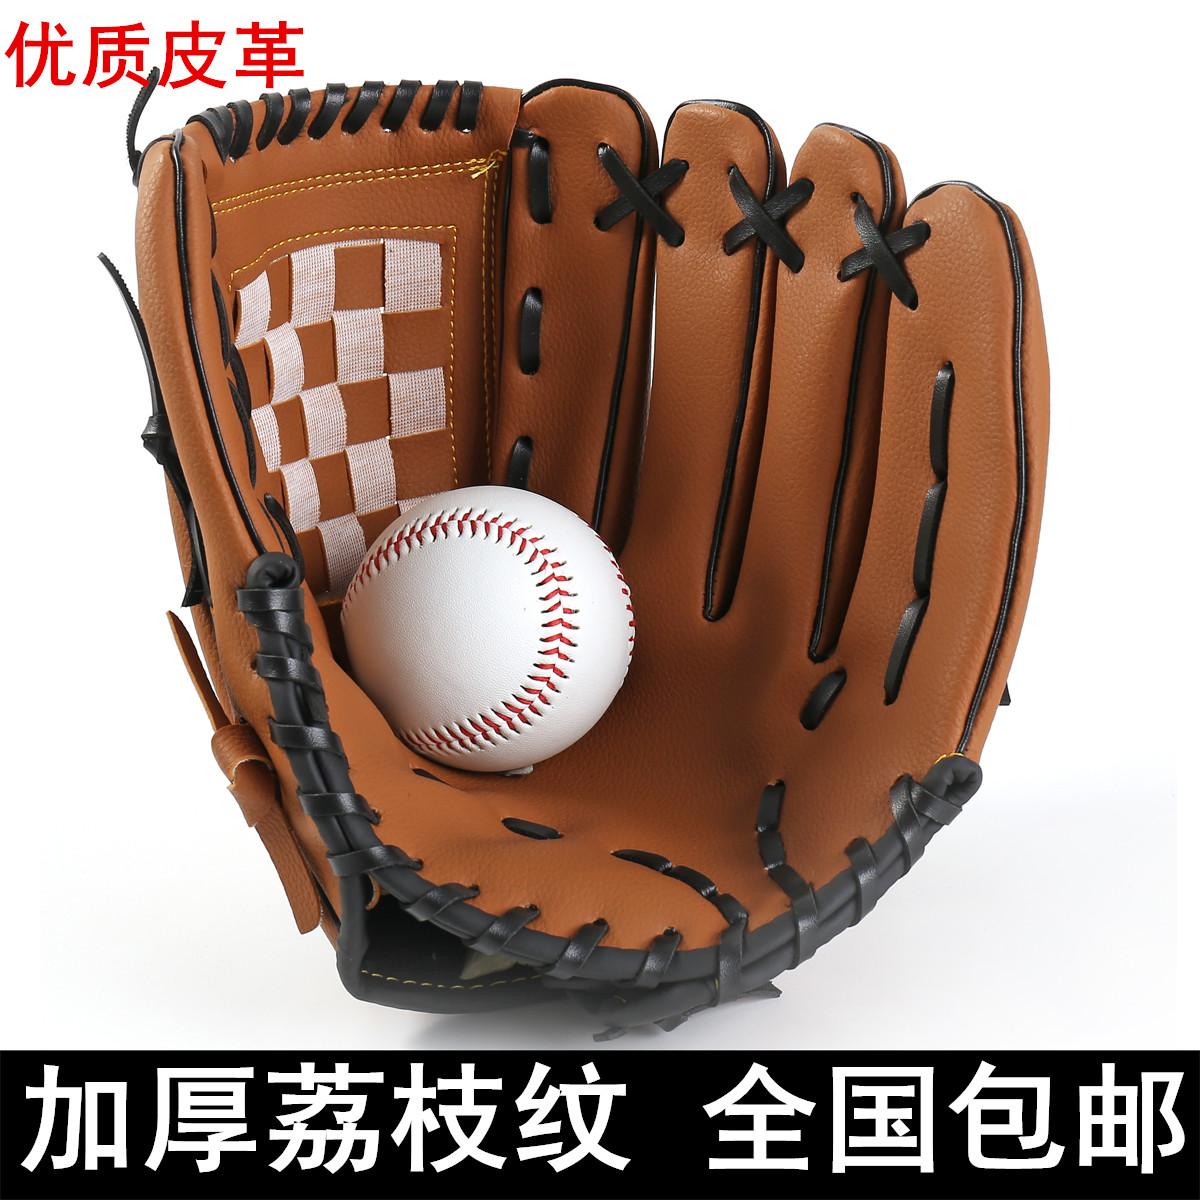 Сгущаться бейсбол перчатки ребенок для взрослых удар подключать мяч литье рука перчатки бейсбол база игроки крышка бесплатная доставка